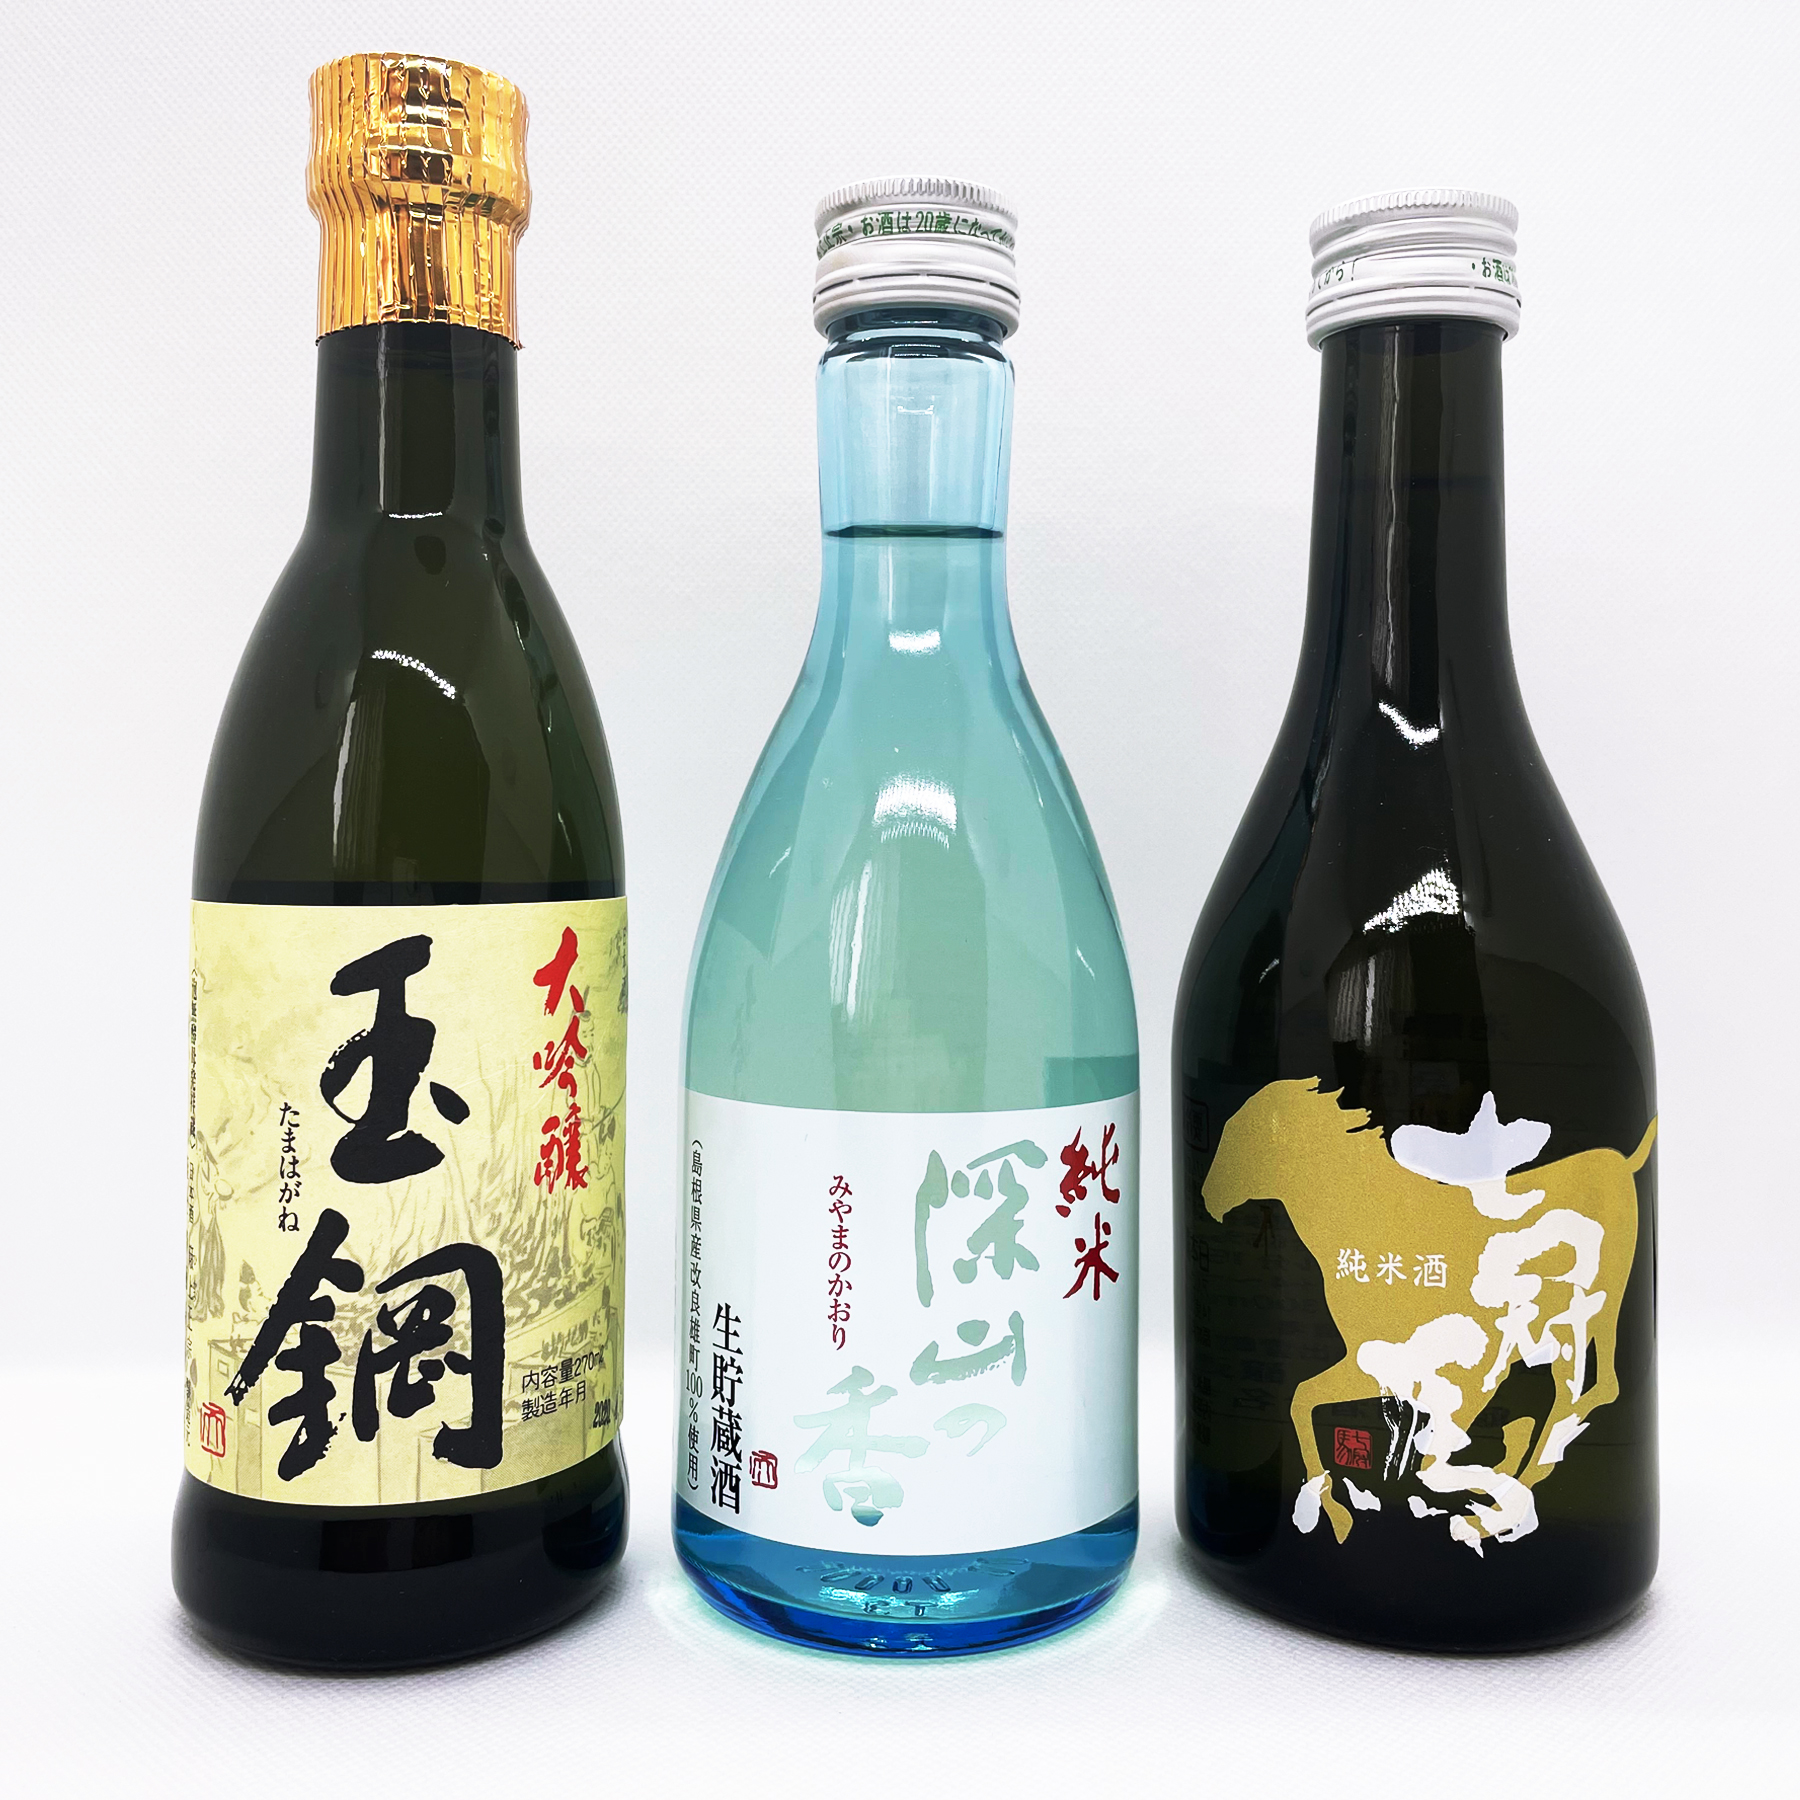 簸上清酒/島根県